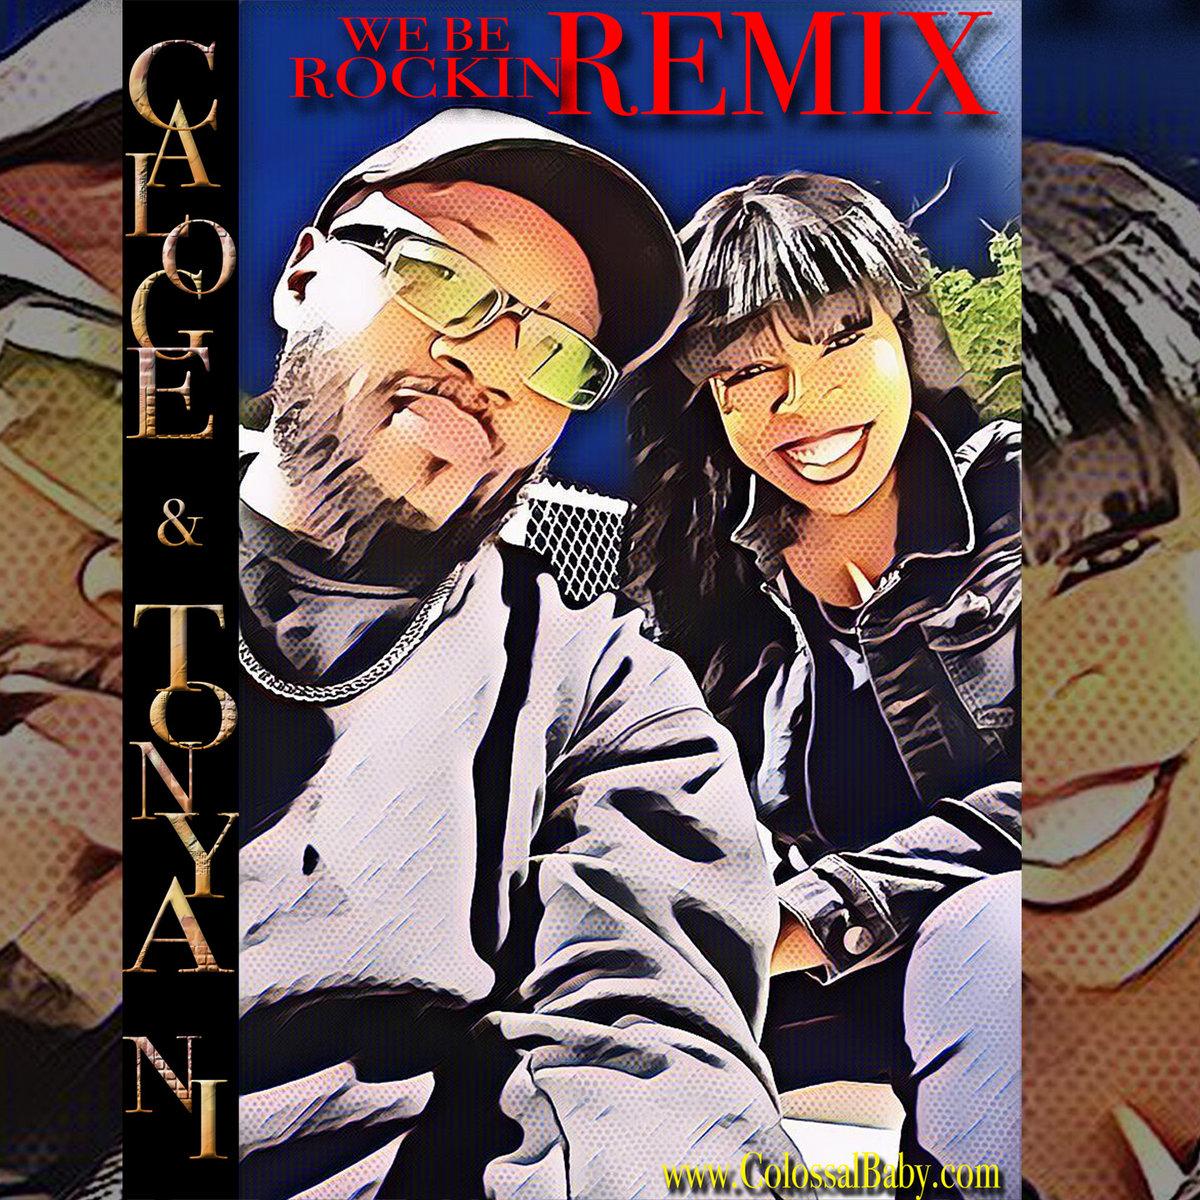 We Be Rockin Remix - Caloge & Tonya Ni by Caloge & Tonya Ni